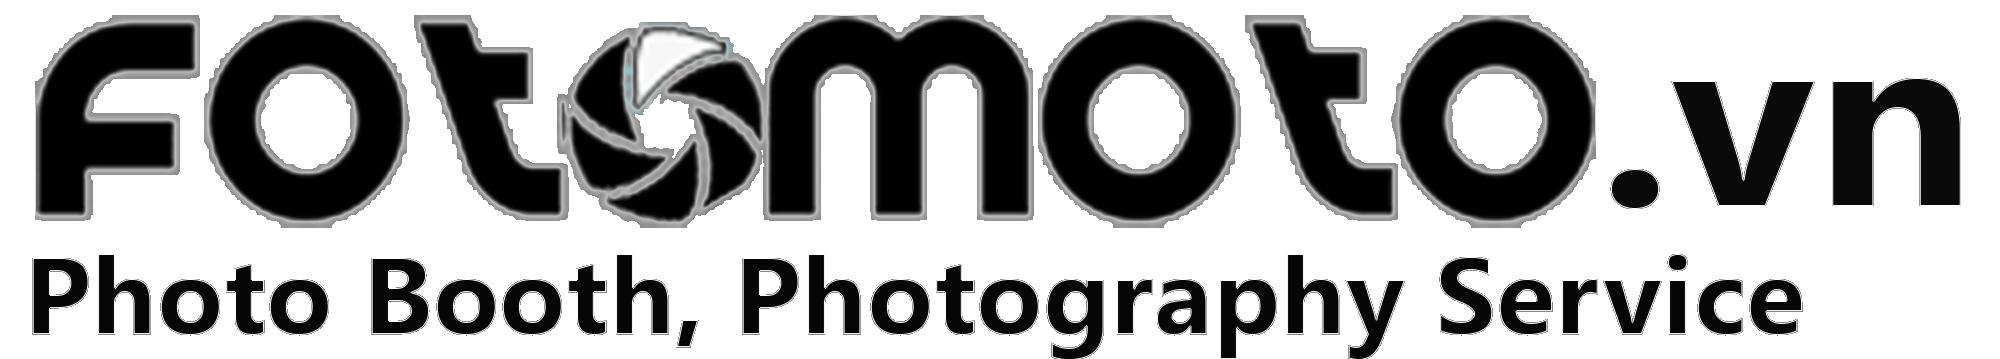 Fotomoto.vn | Dịch vụ Photo Booth, Chụp Hình, Quay Video